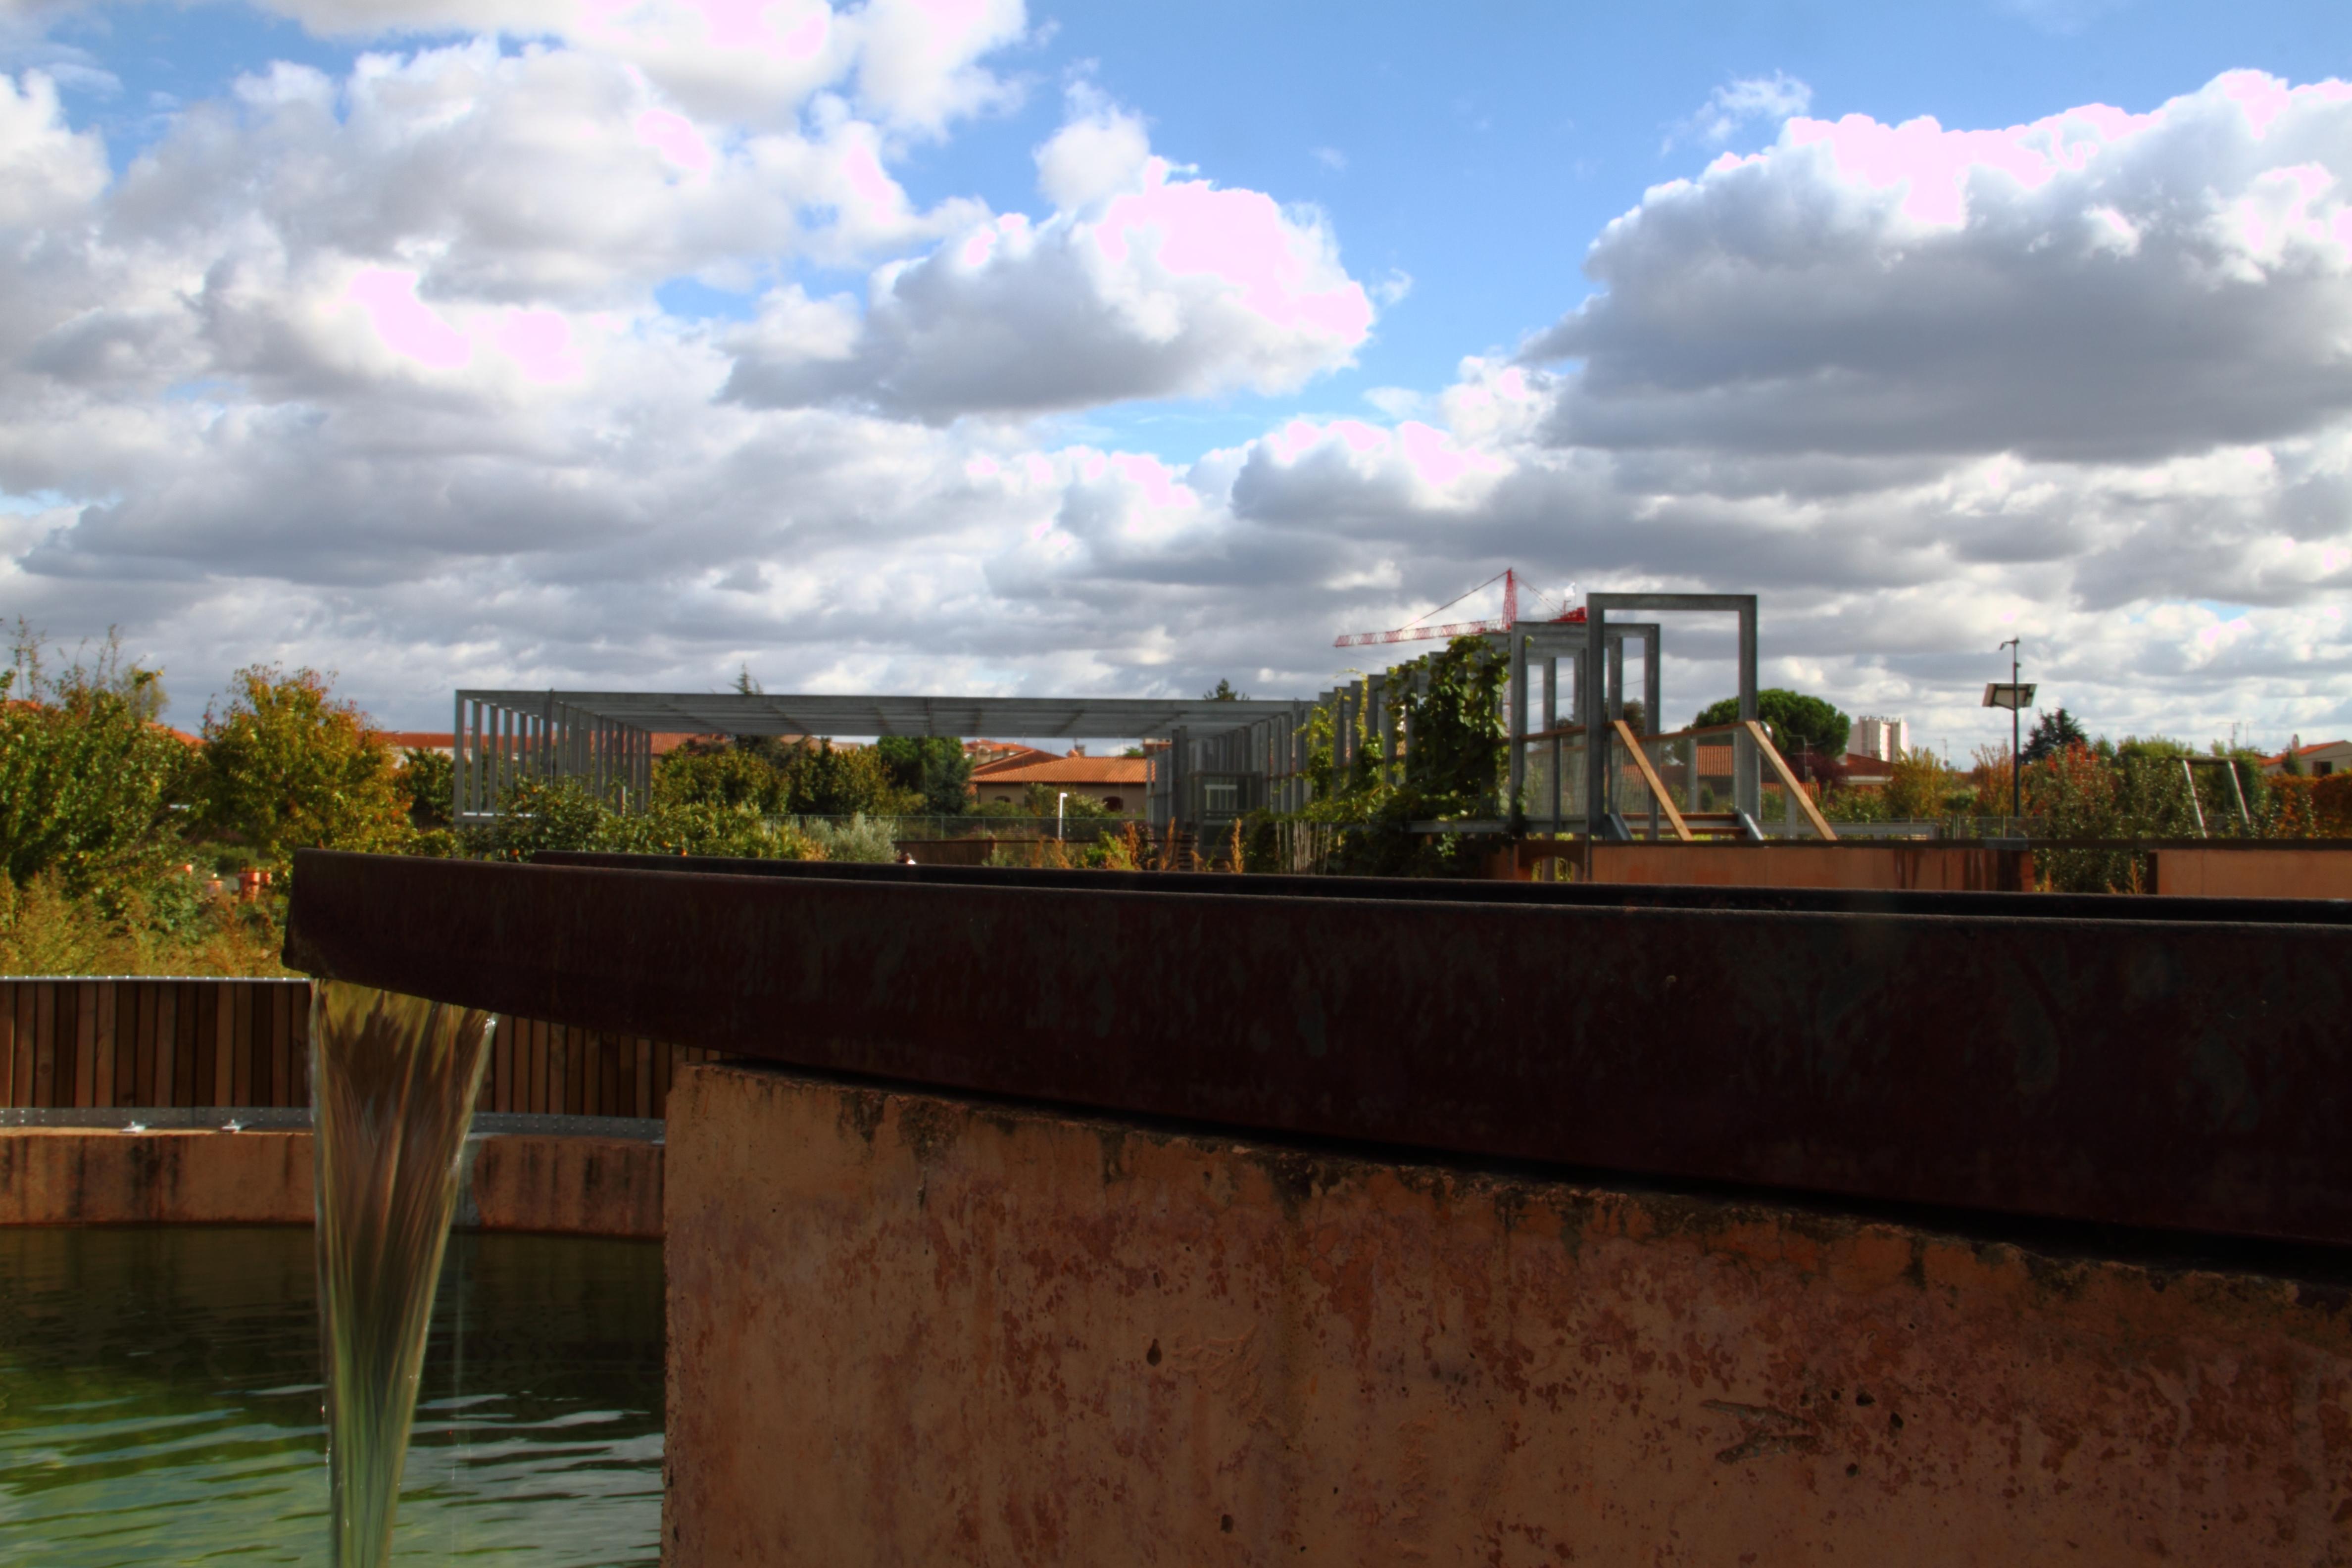 File:Noria, jardins du muséum de Toulouse bassin.JPG - Wikimedia ...